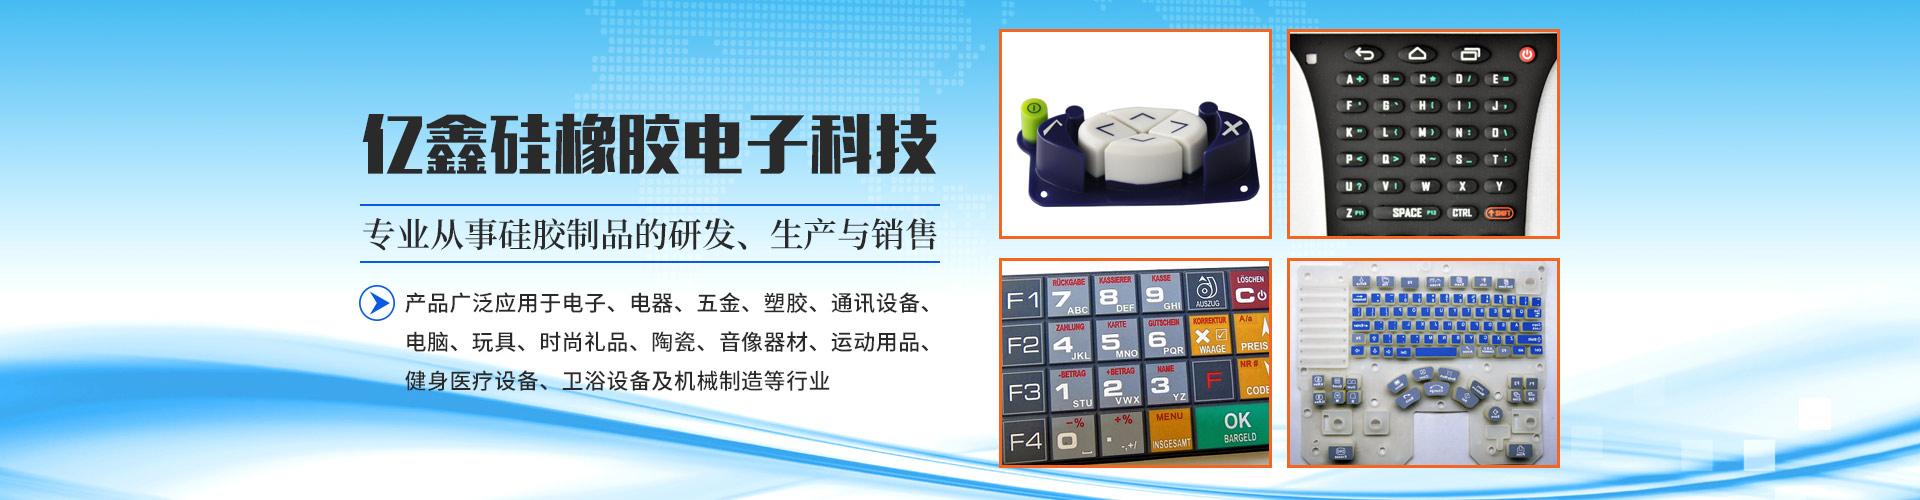 东莞市亿鑫硅橡胶电子科技有限公司